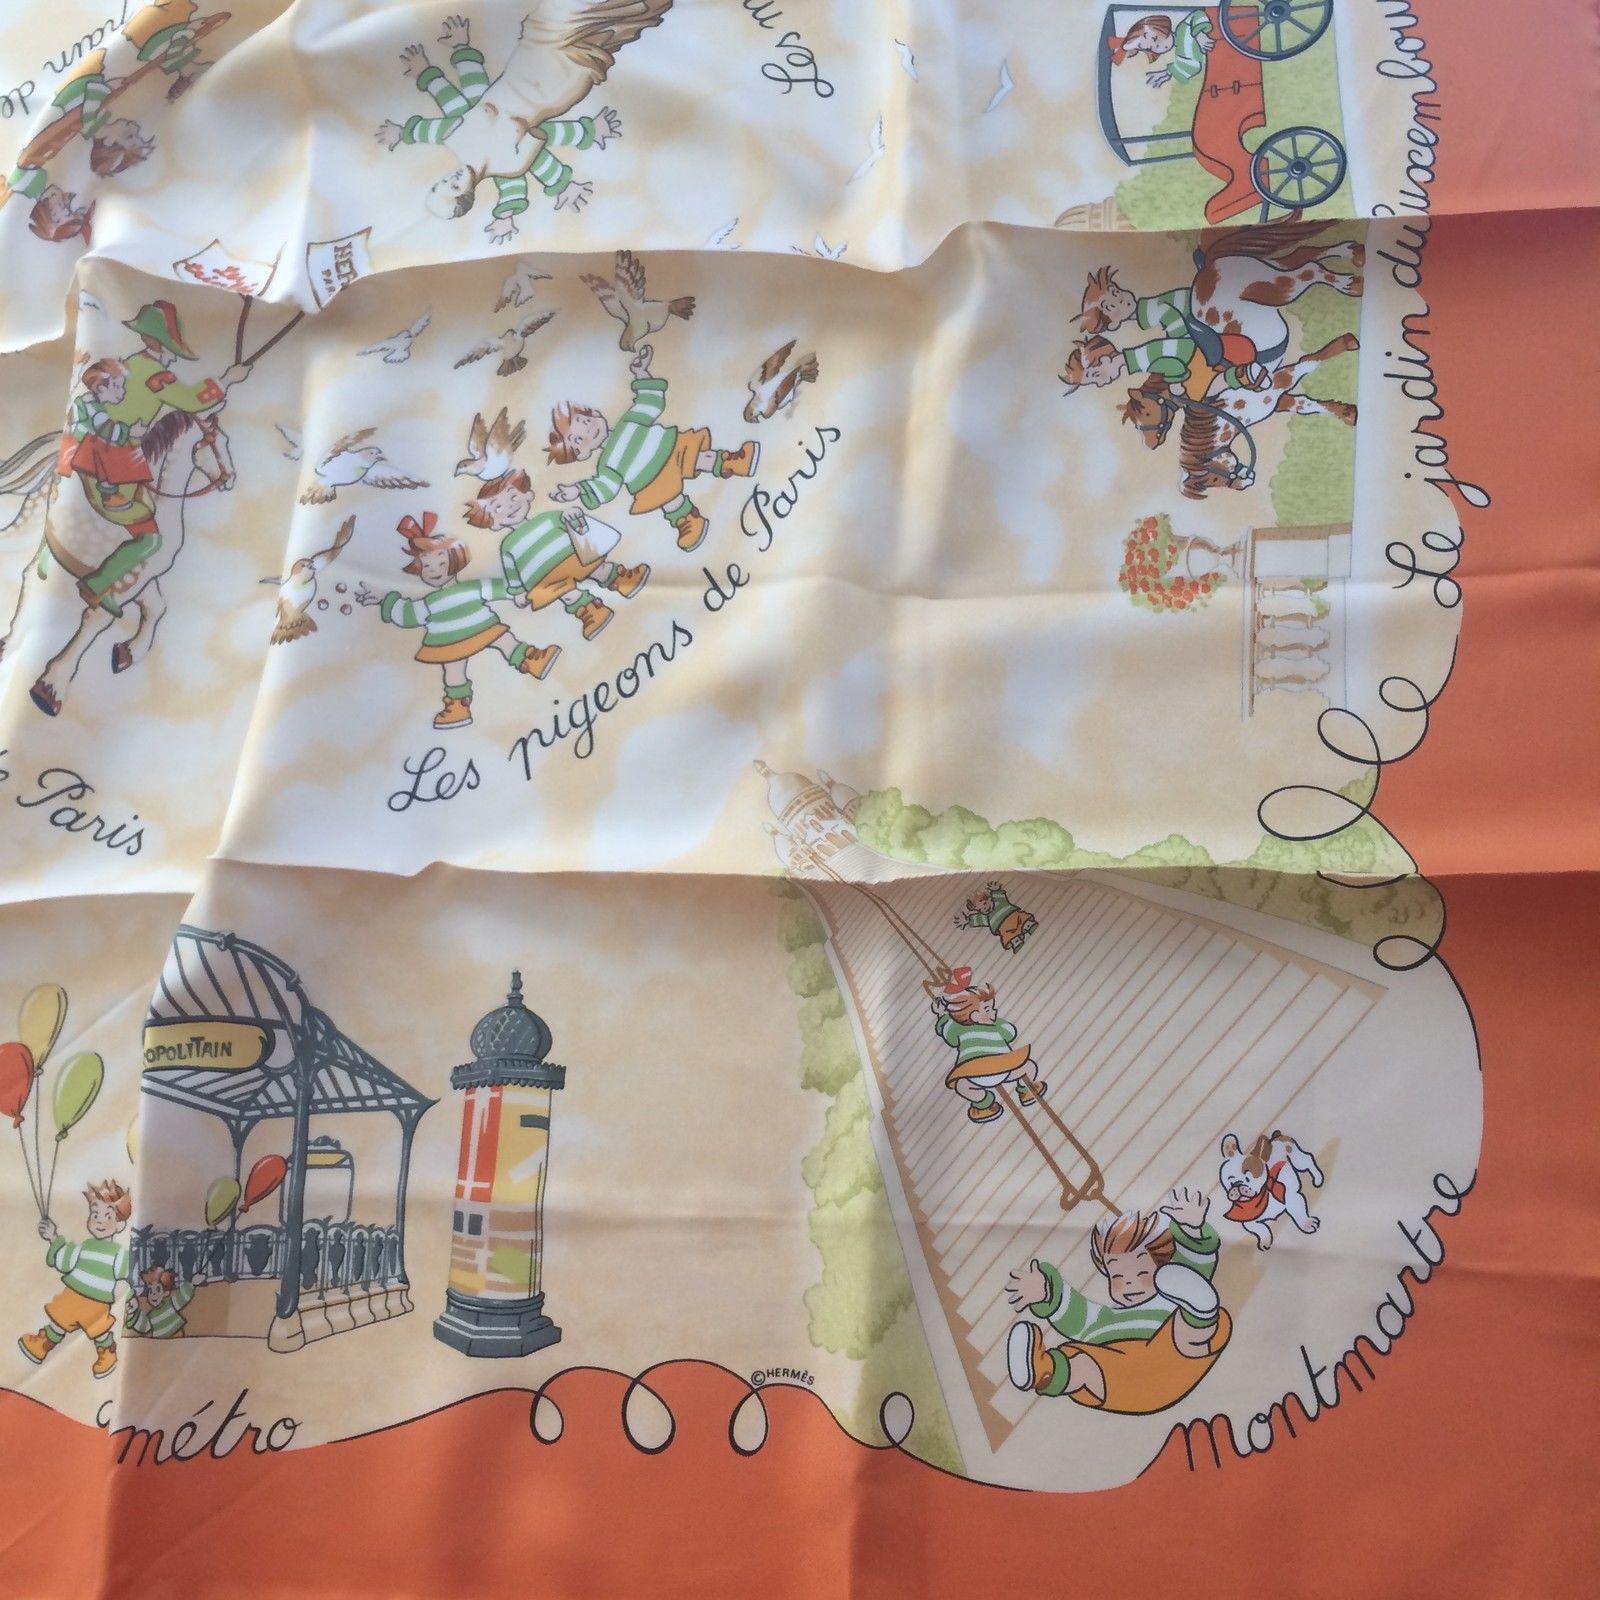 Carré Hermès LES Triplés Orange Silk Scarf | eBay